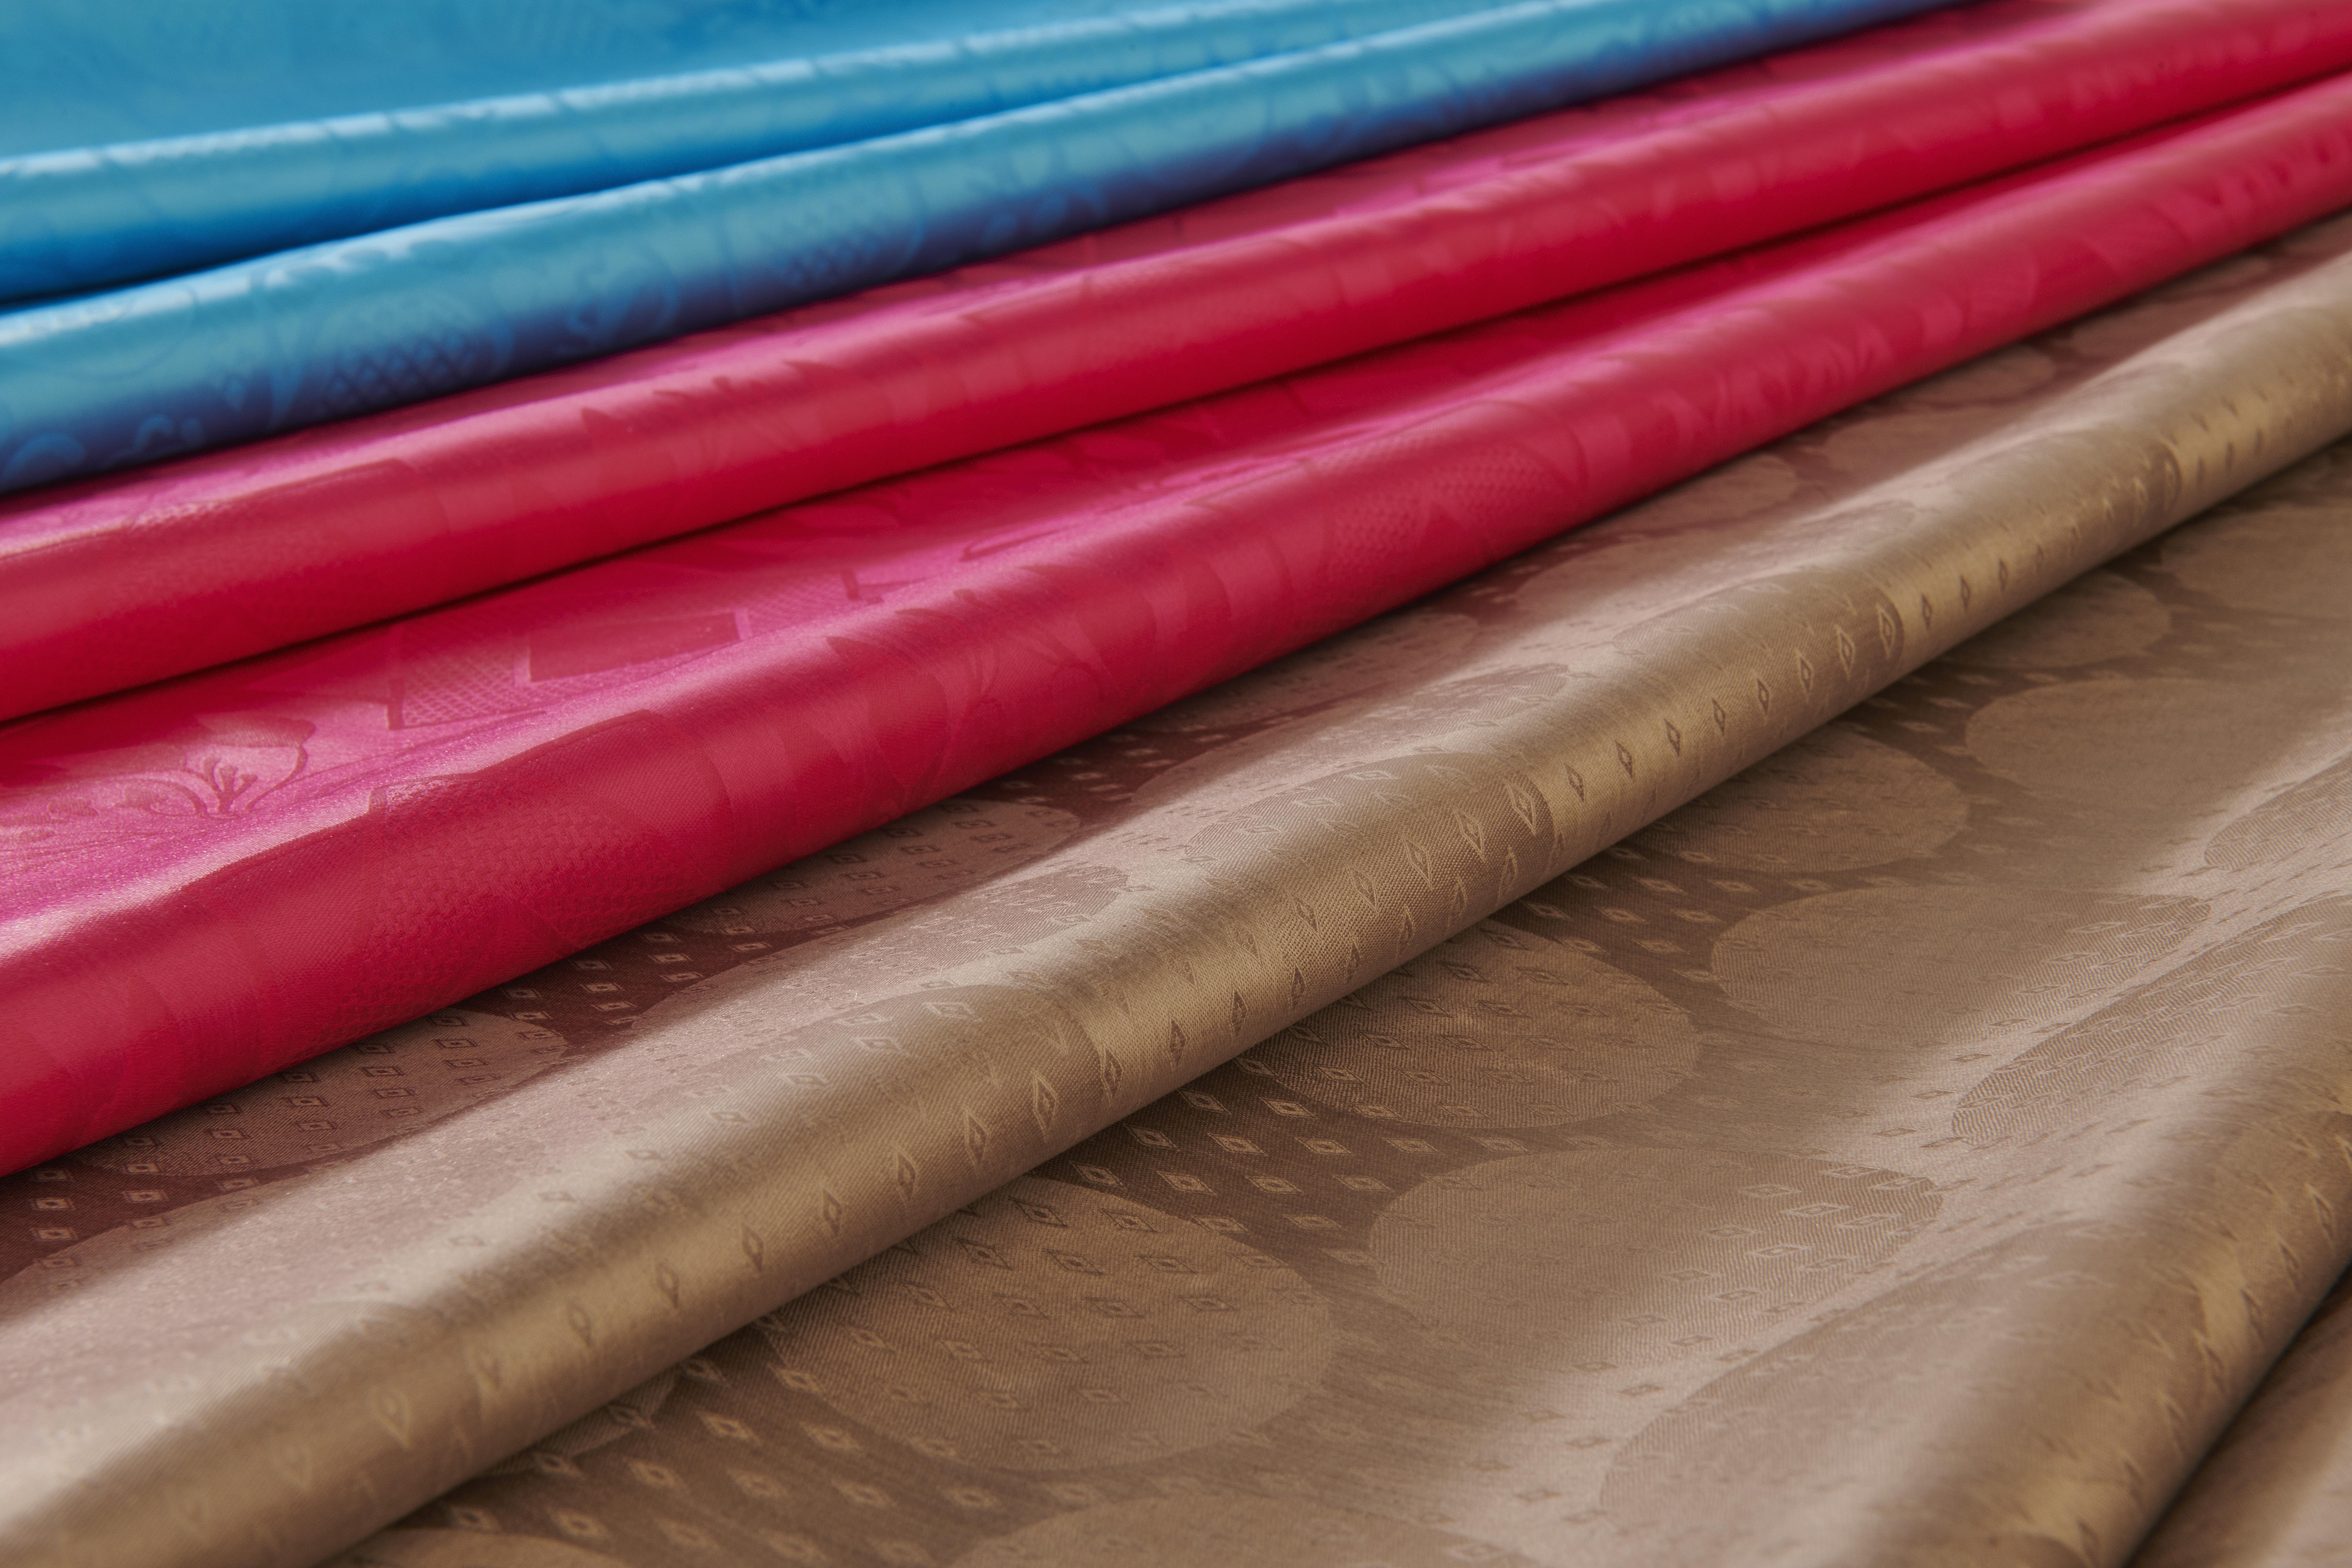 2017-10-16 Fussenegger Textil Produktfotos0161.jpg